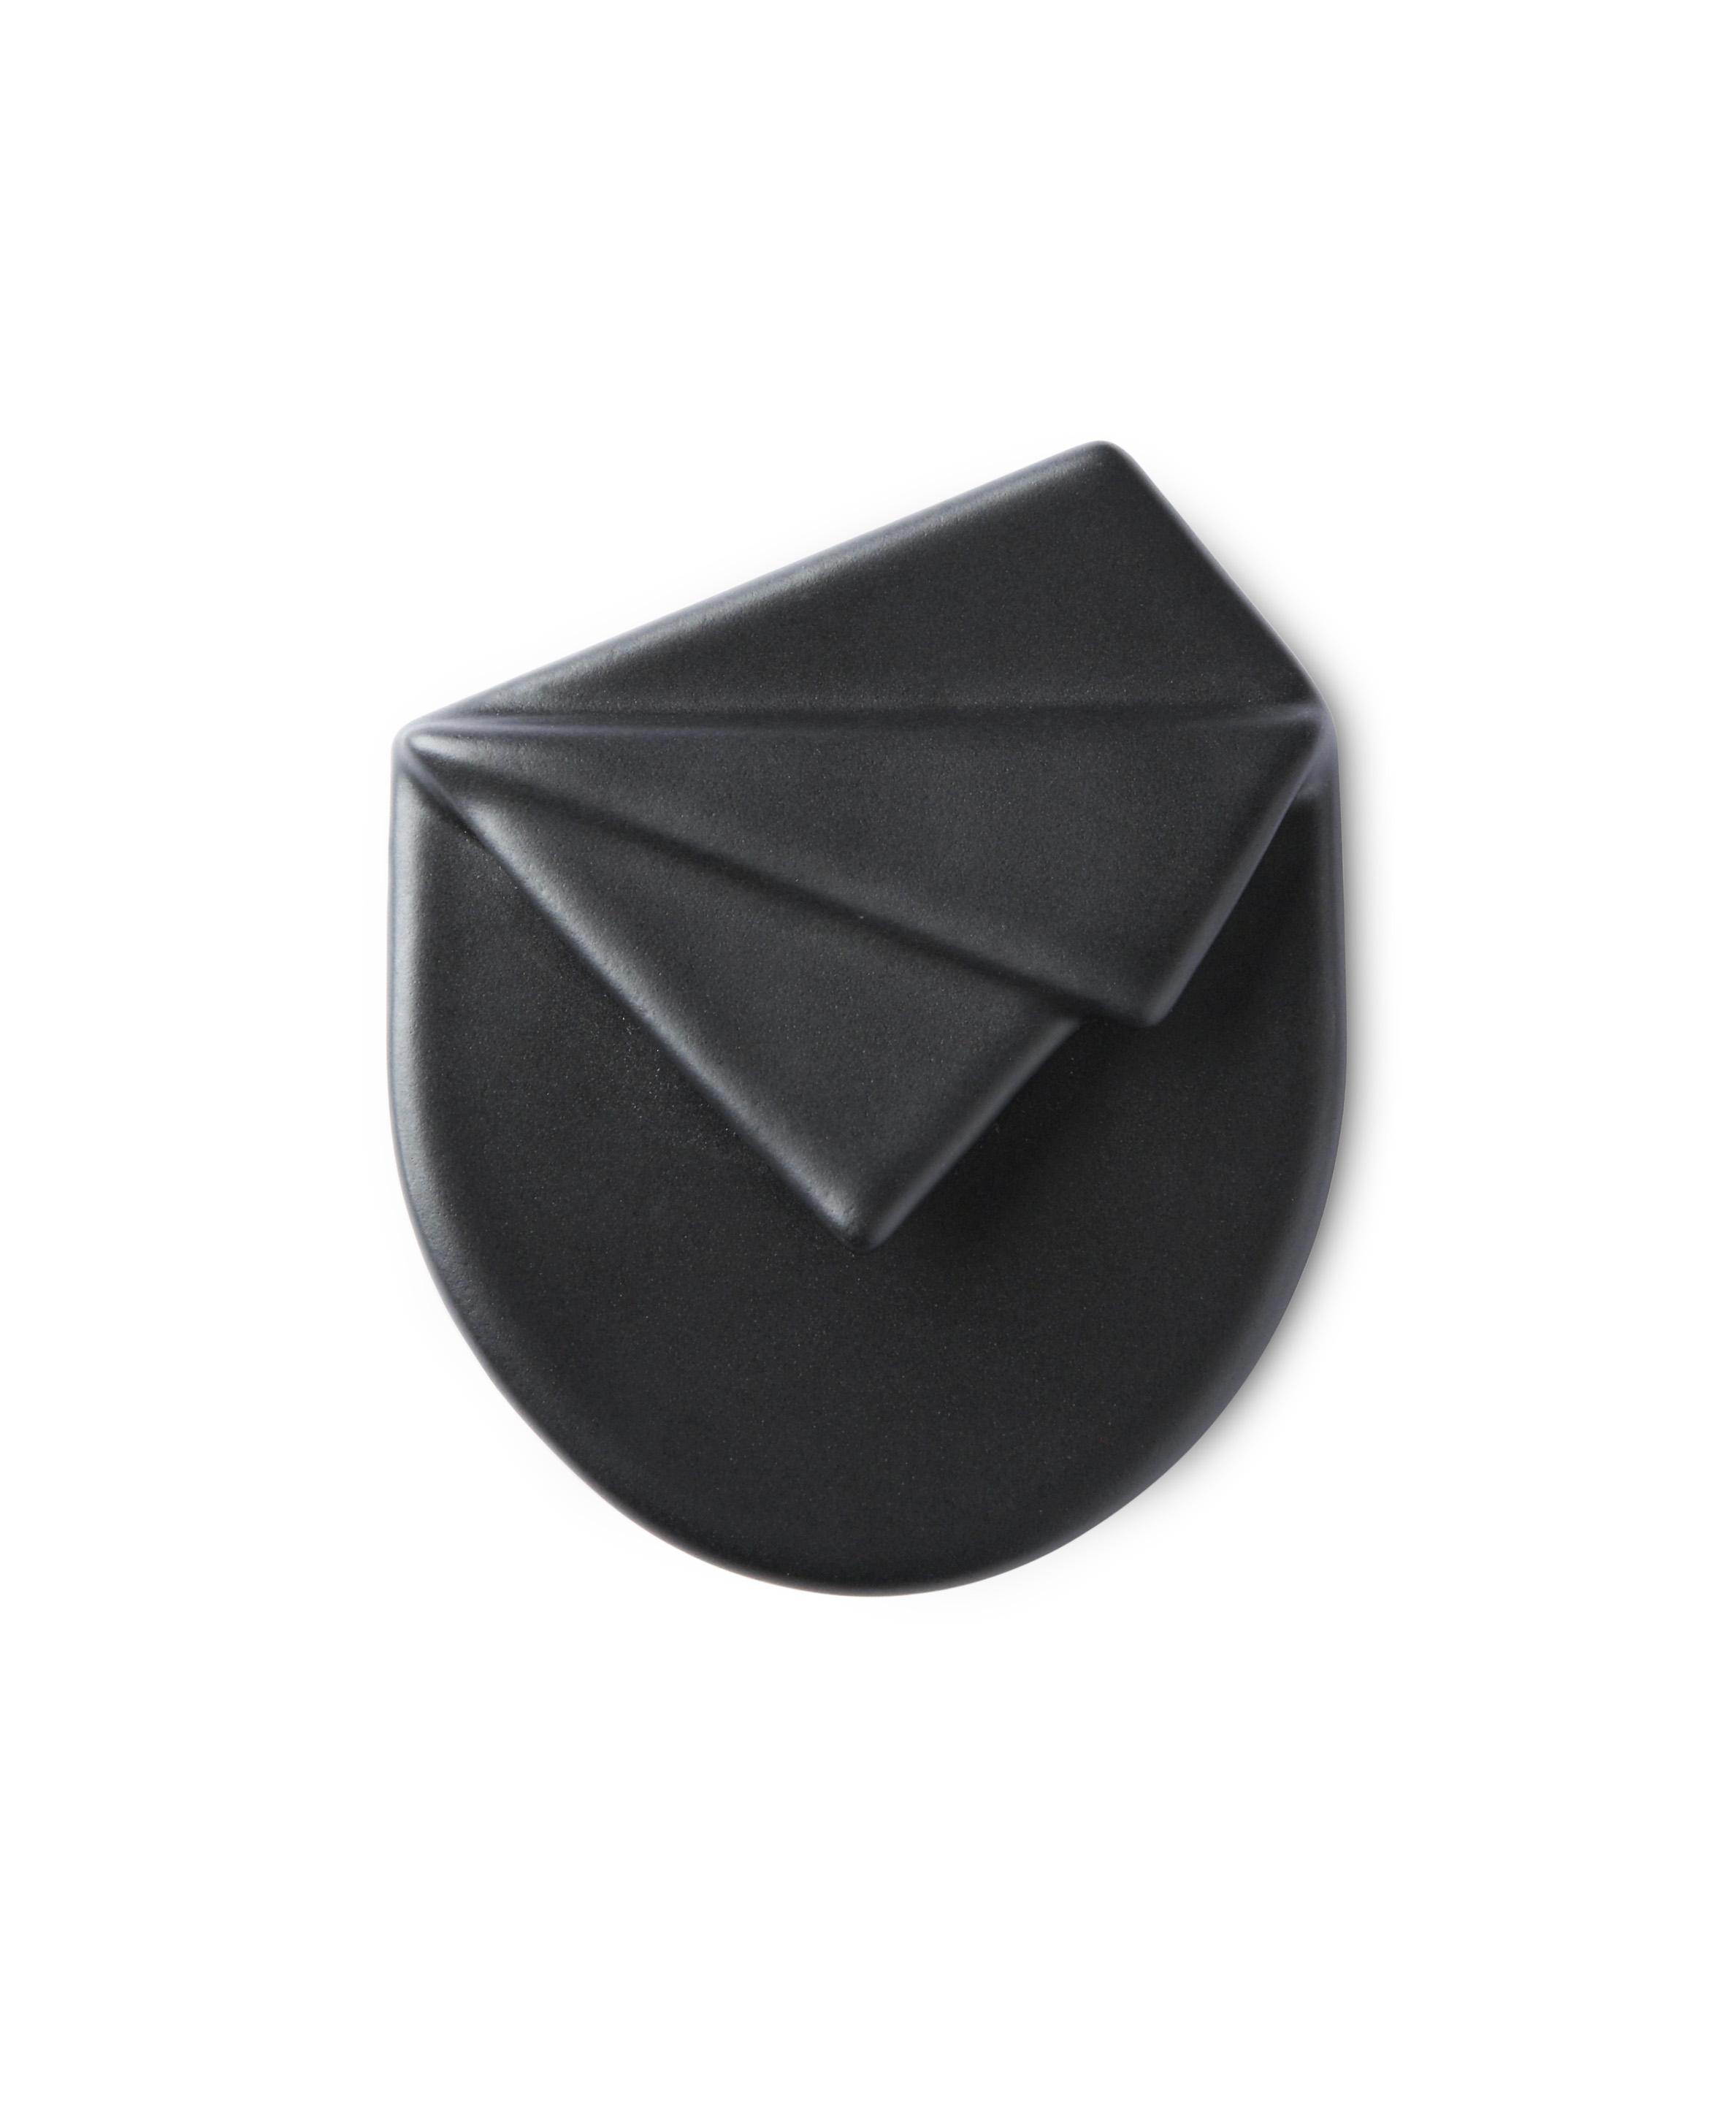 pochette-alluminio-nero